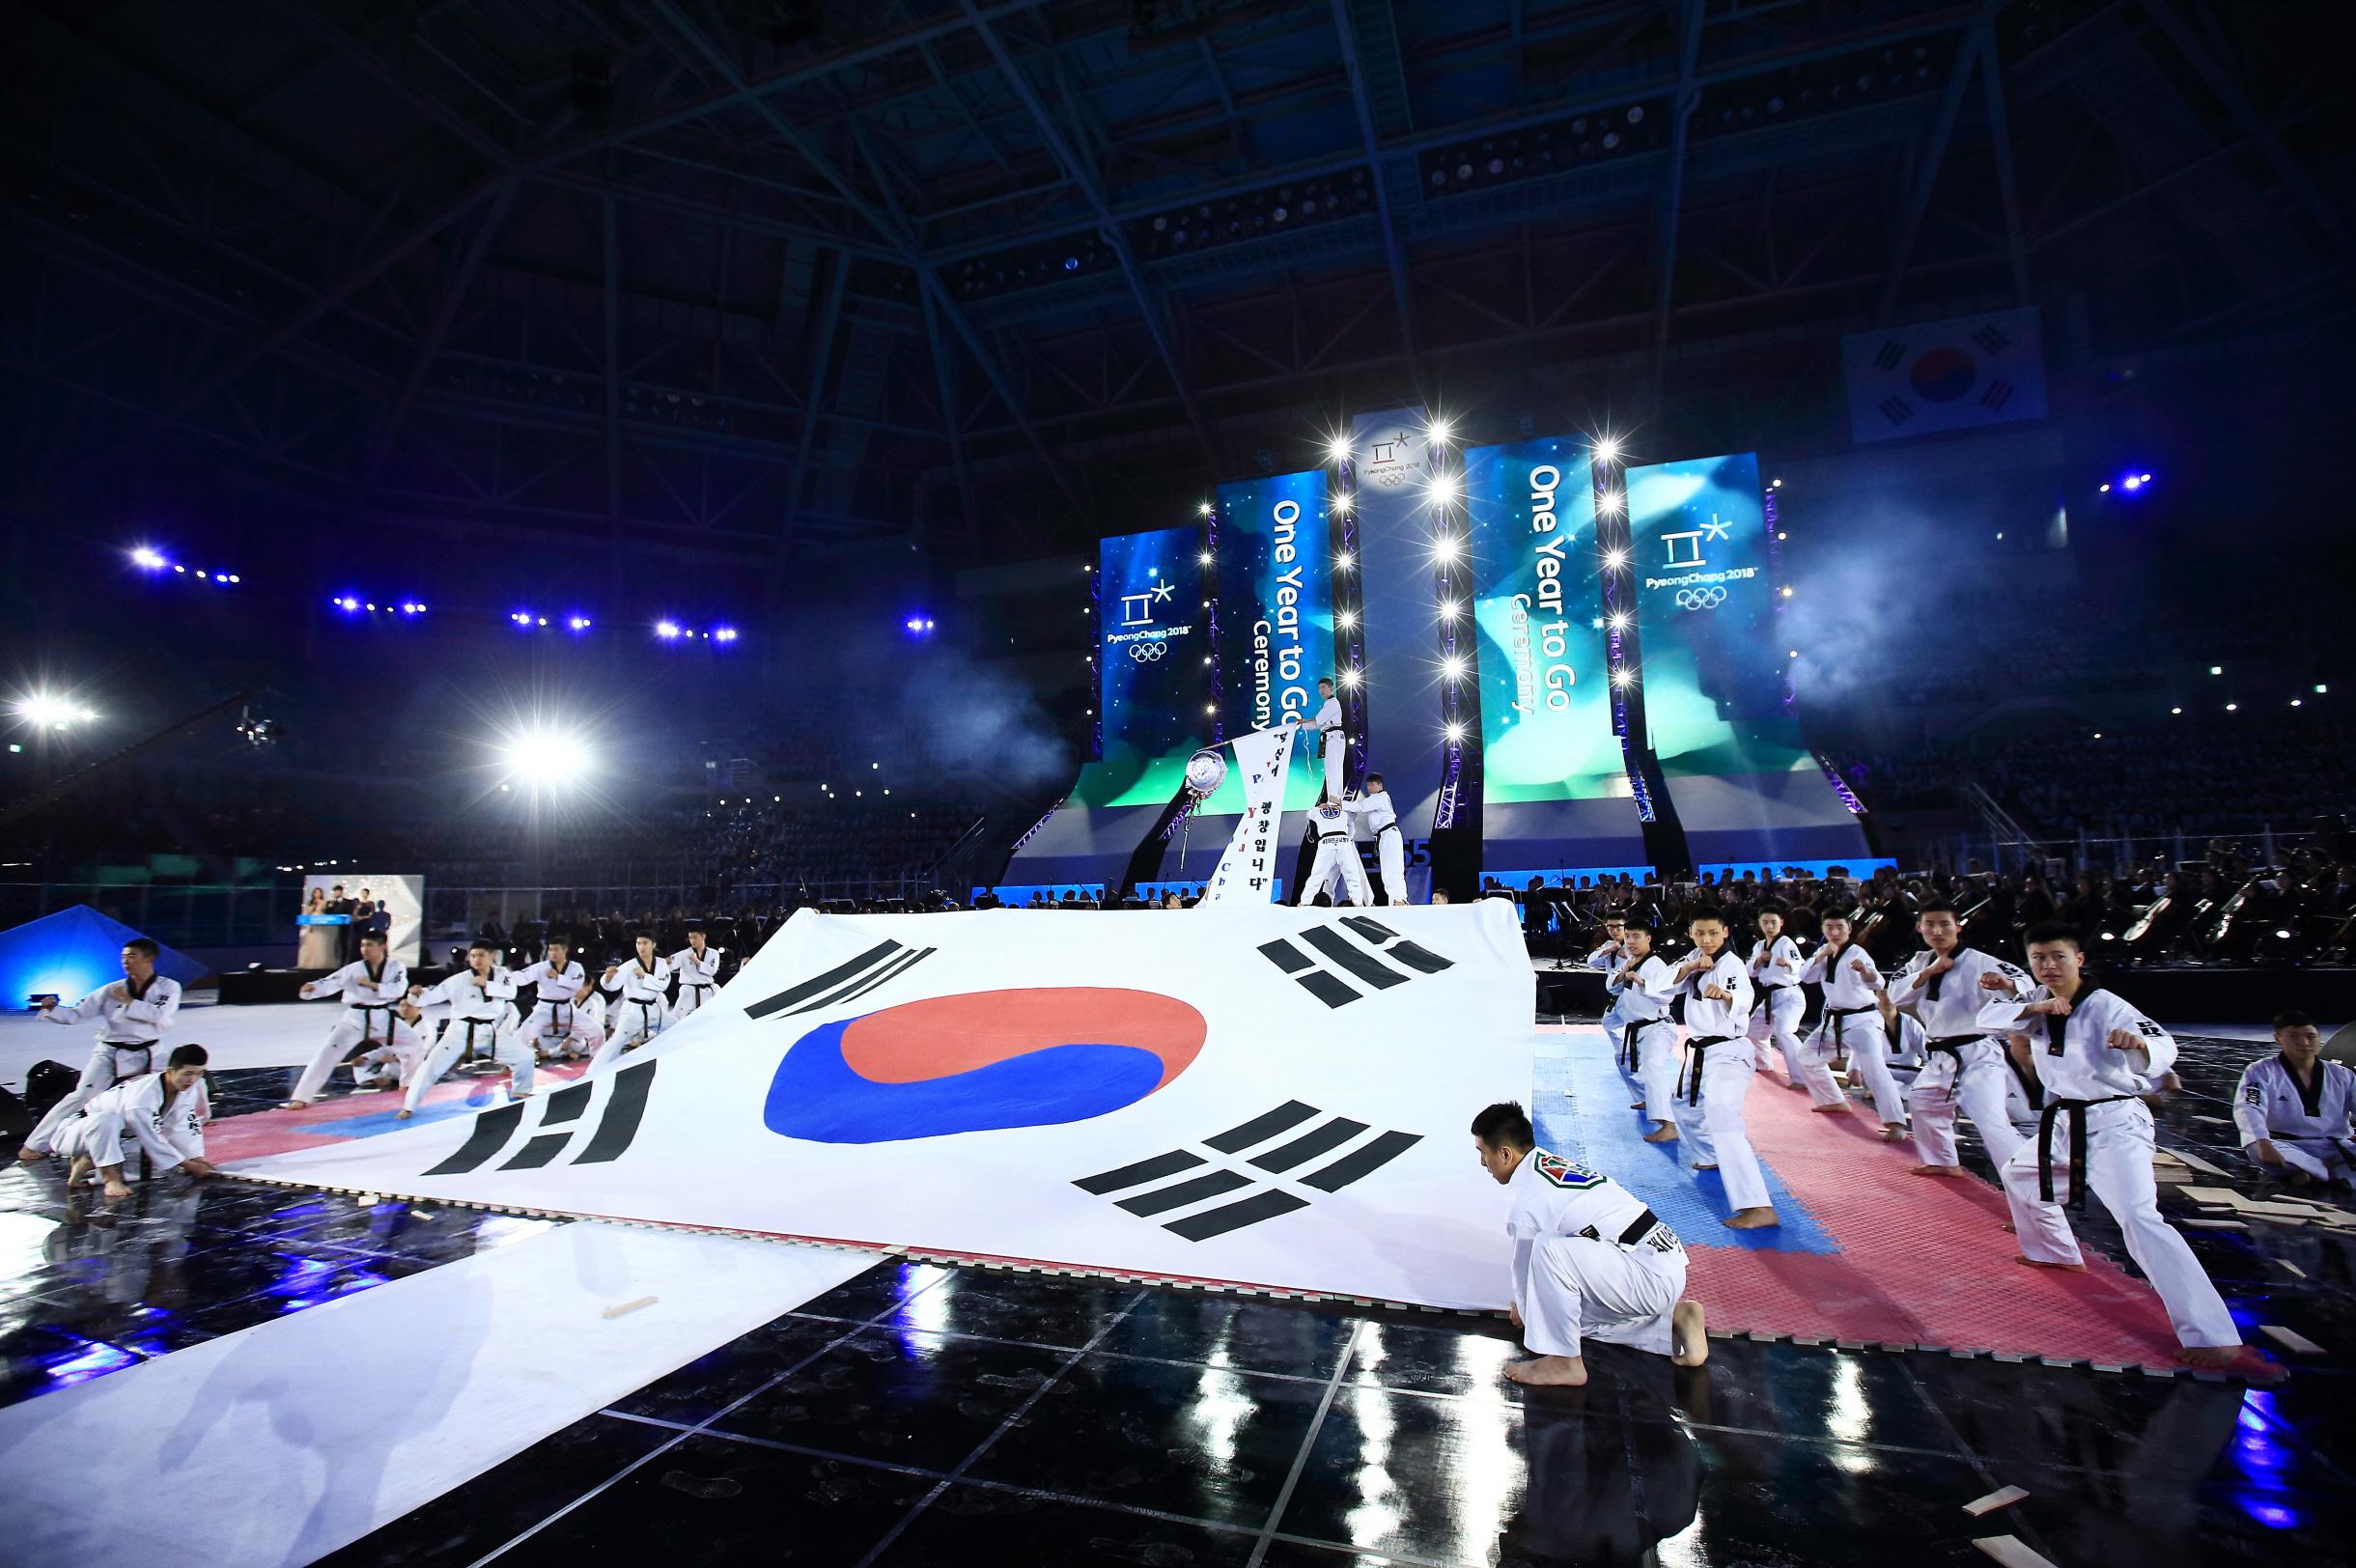 170209_PyeongChang 2018 Press Release_The Countdown has begun!_Photo 2